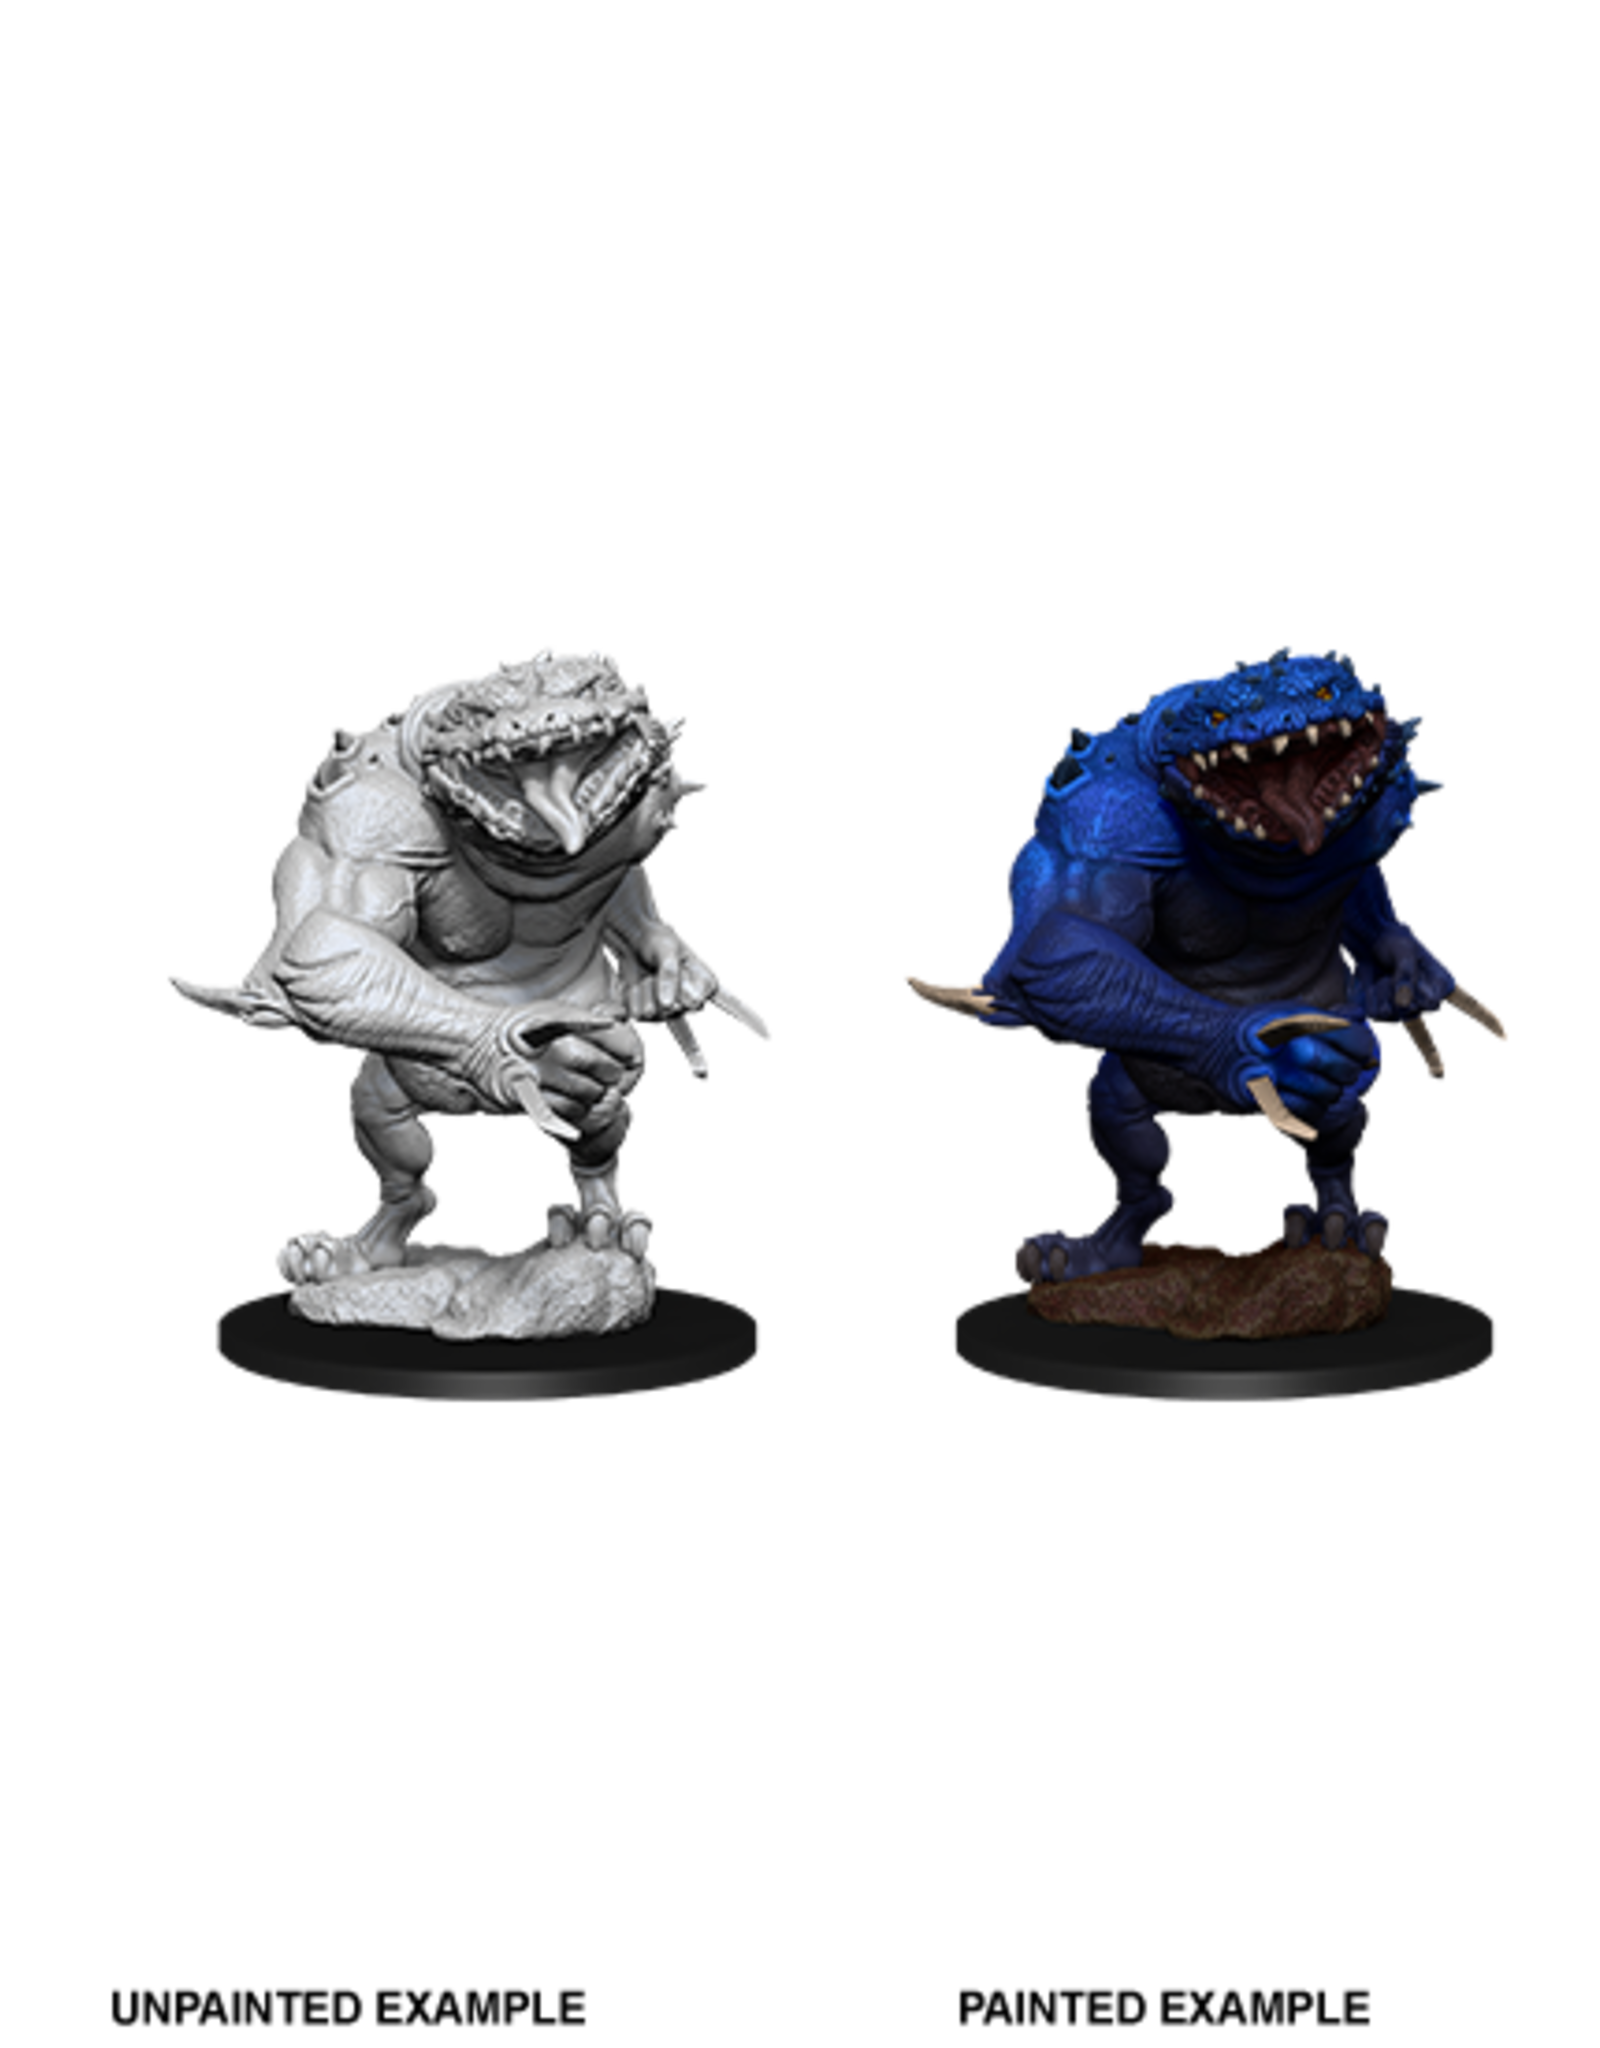 Nolzur's Marvelous Miniatures D&D D&D NMU - Blue Slaad